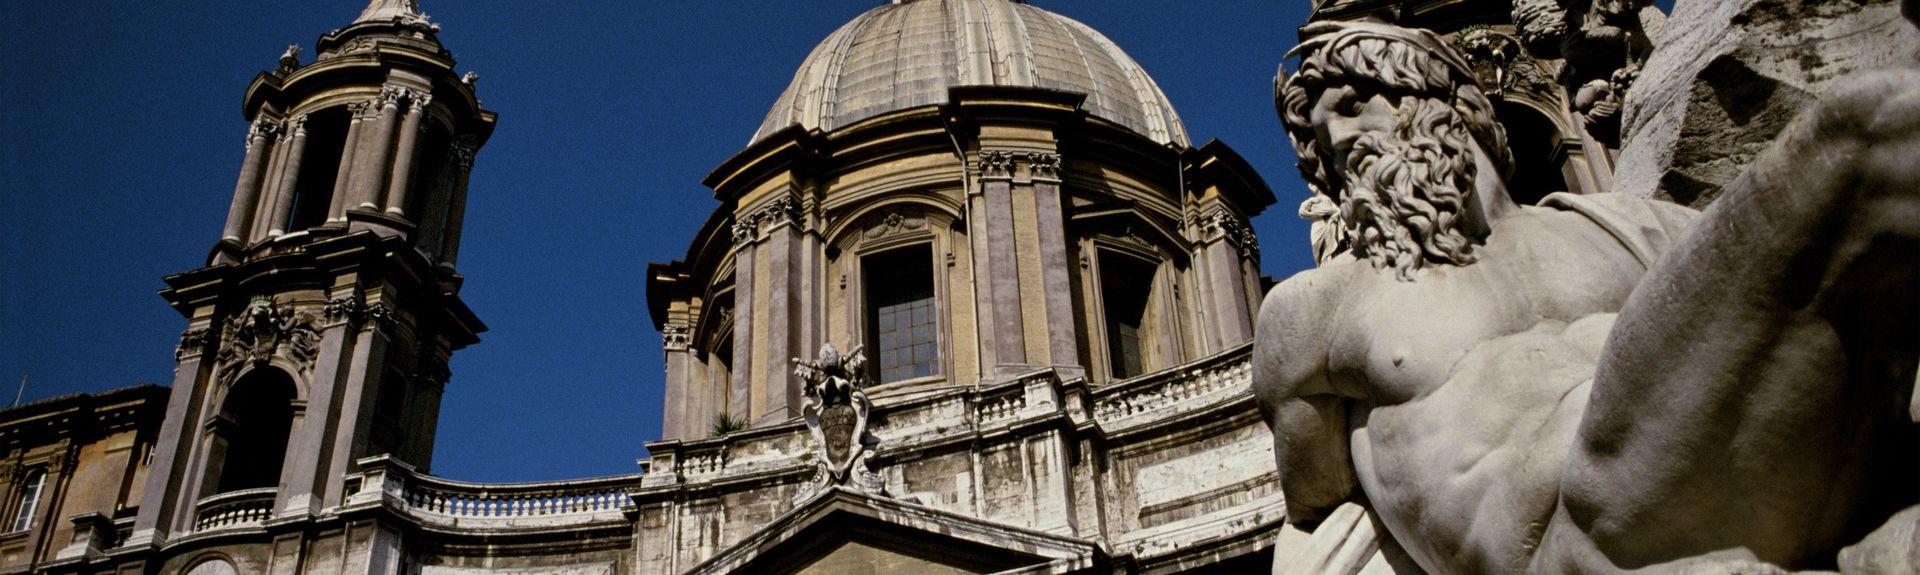 Centre-ville de Rome, Rome, Latium, Italie